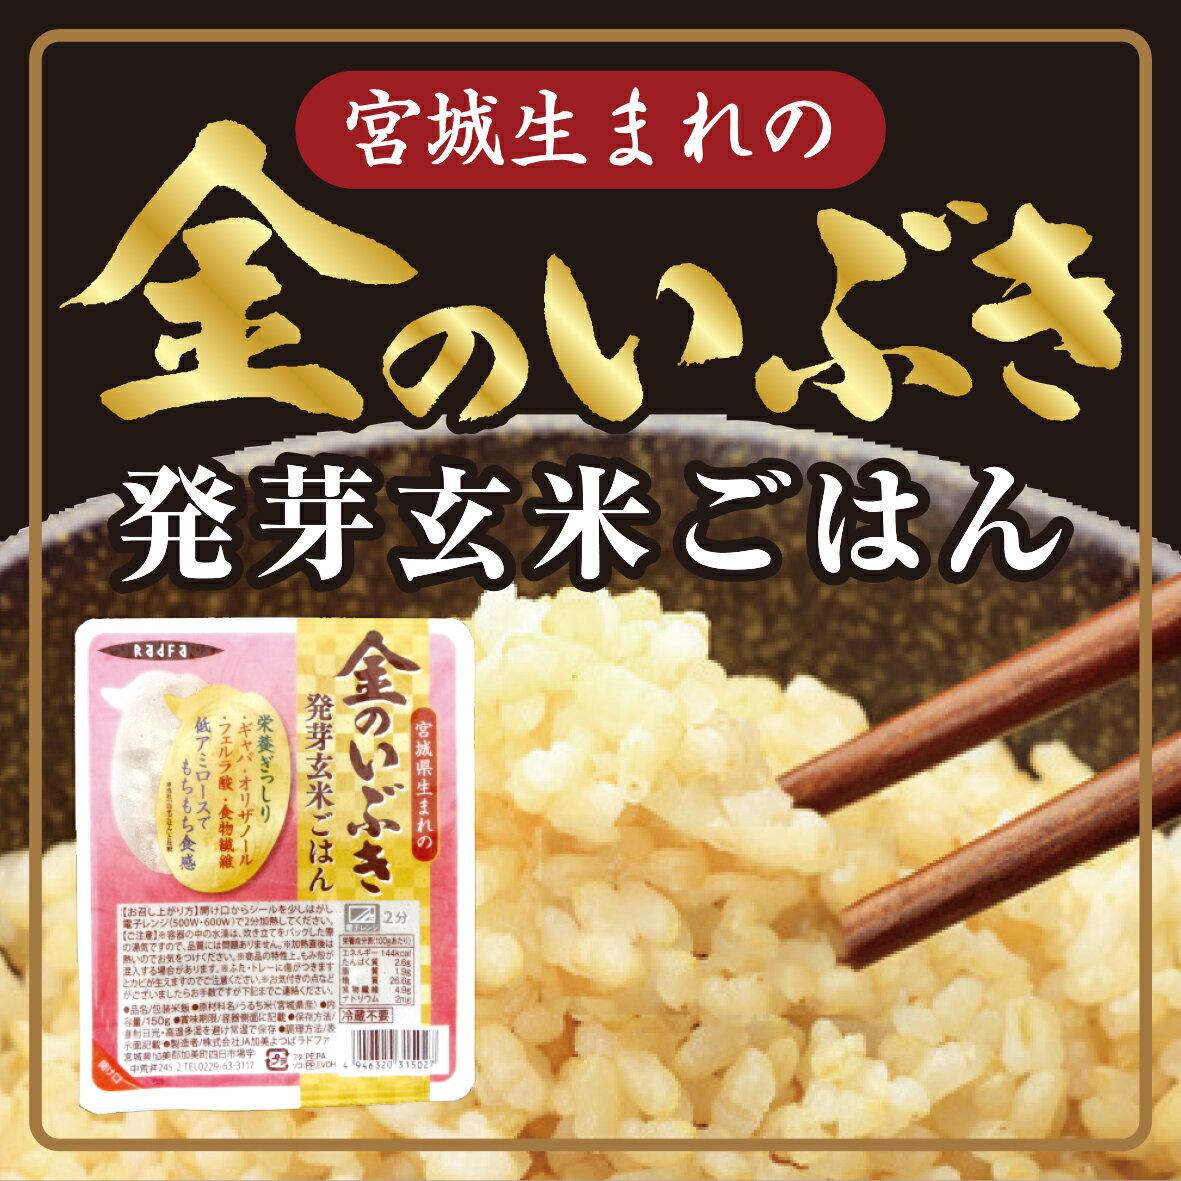 ラドファ金のいぶき発芽玄米ごはん150g×12個入 送料無料